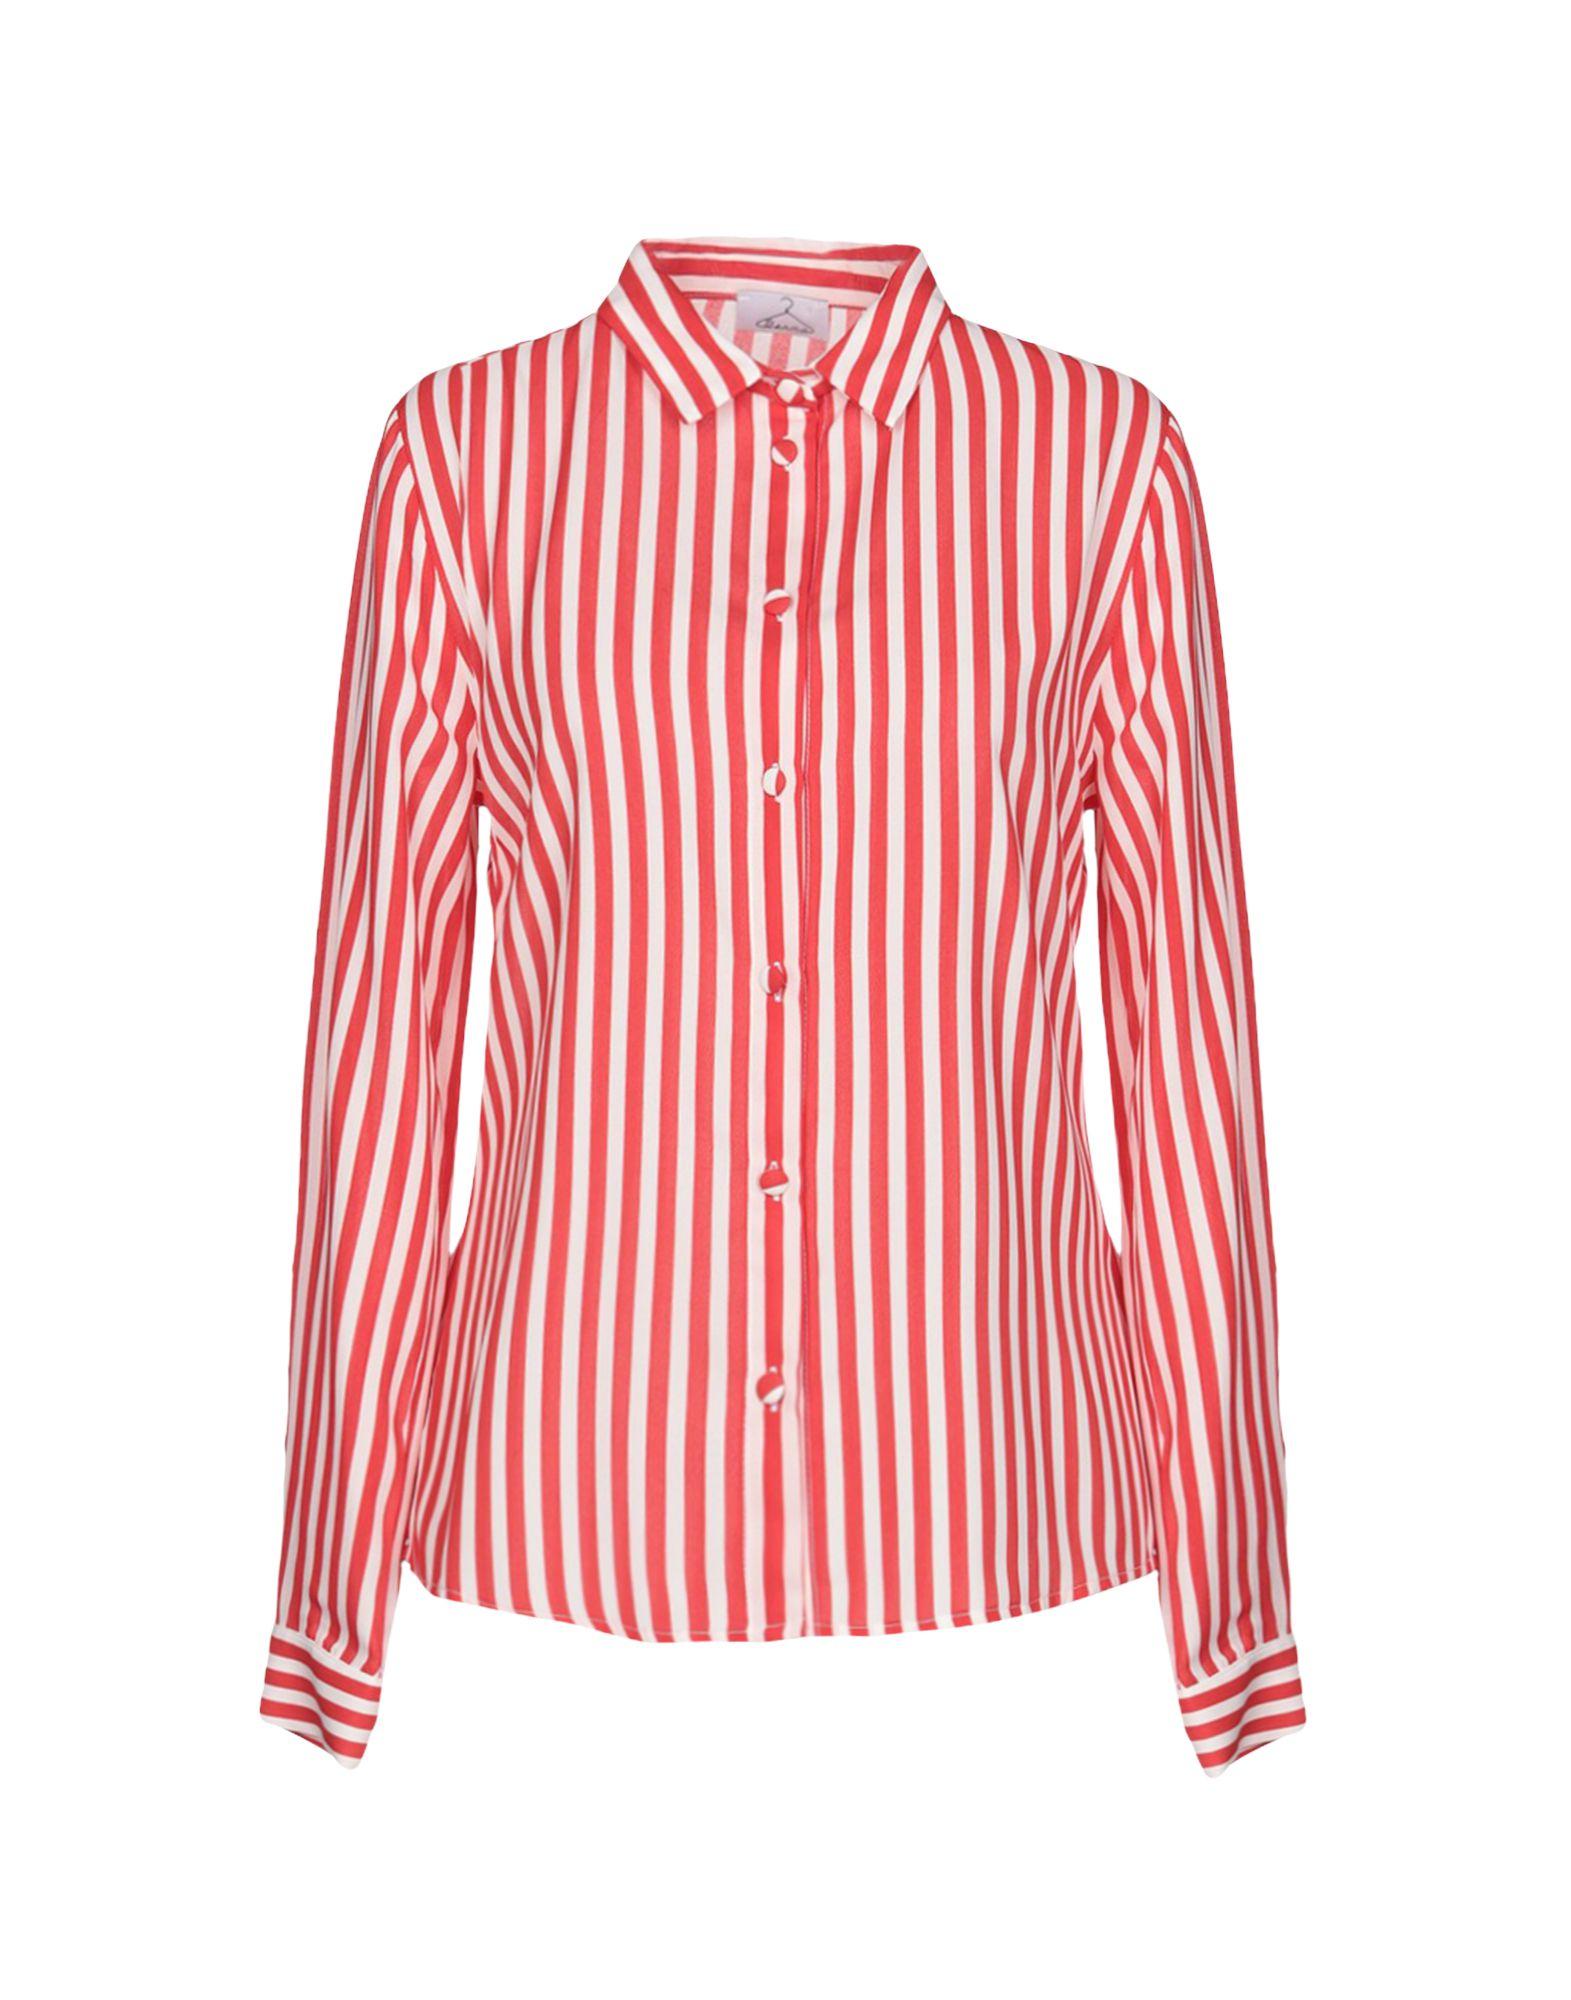 《期間限定セール中》BERNA レディース シャツ レッド M 100% ポリエステル